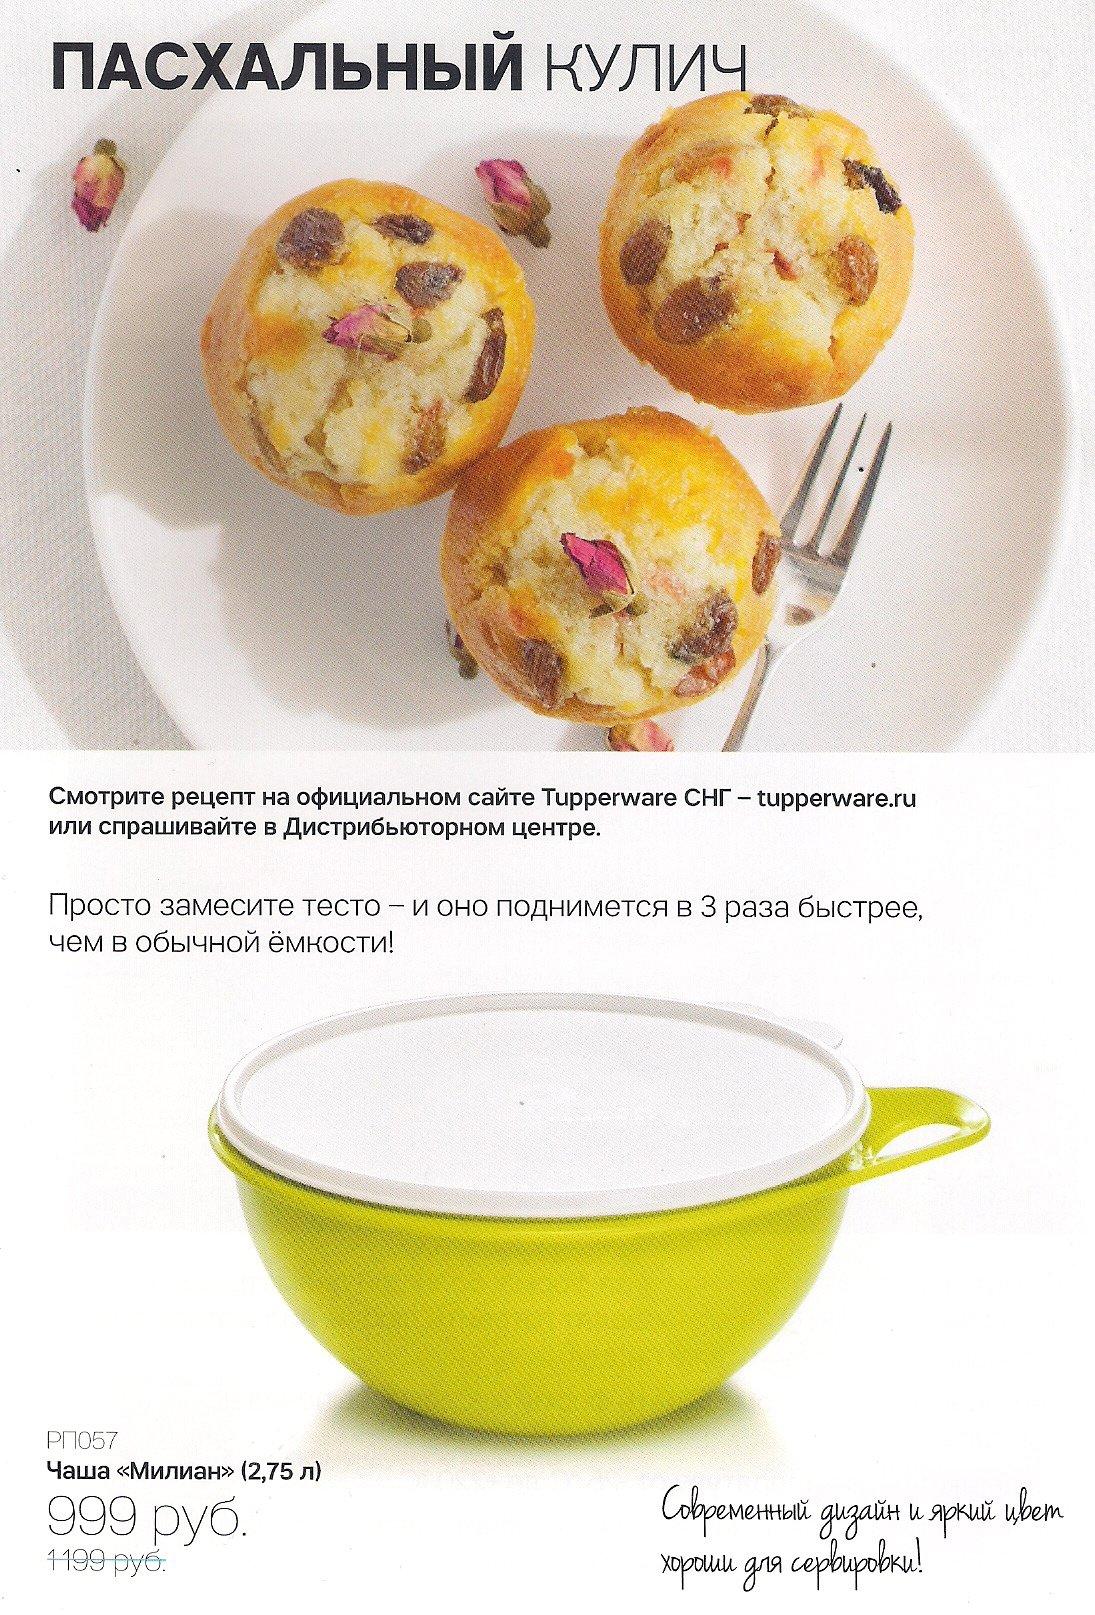 http://tupperware-online.ru/images/upload/15H.jpg